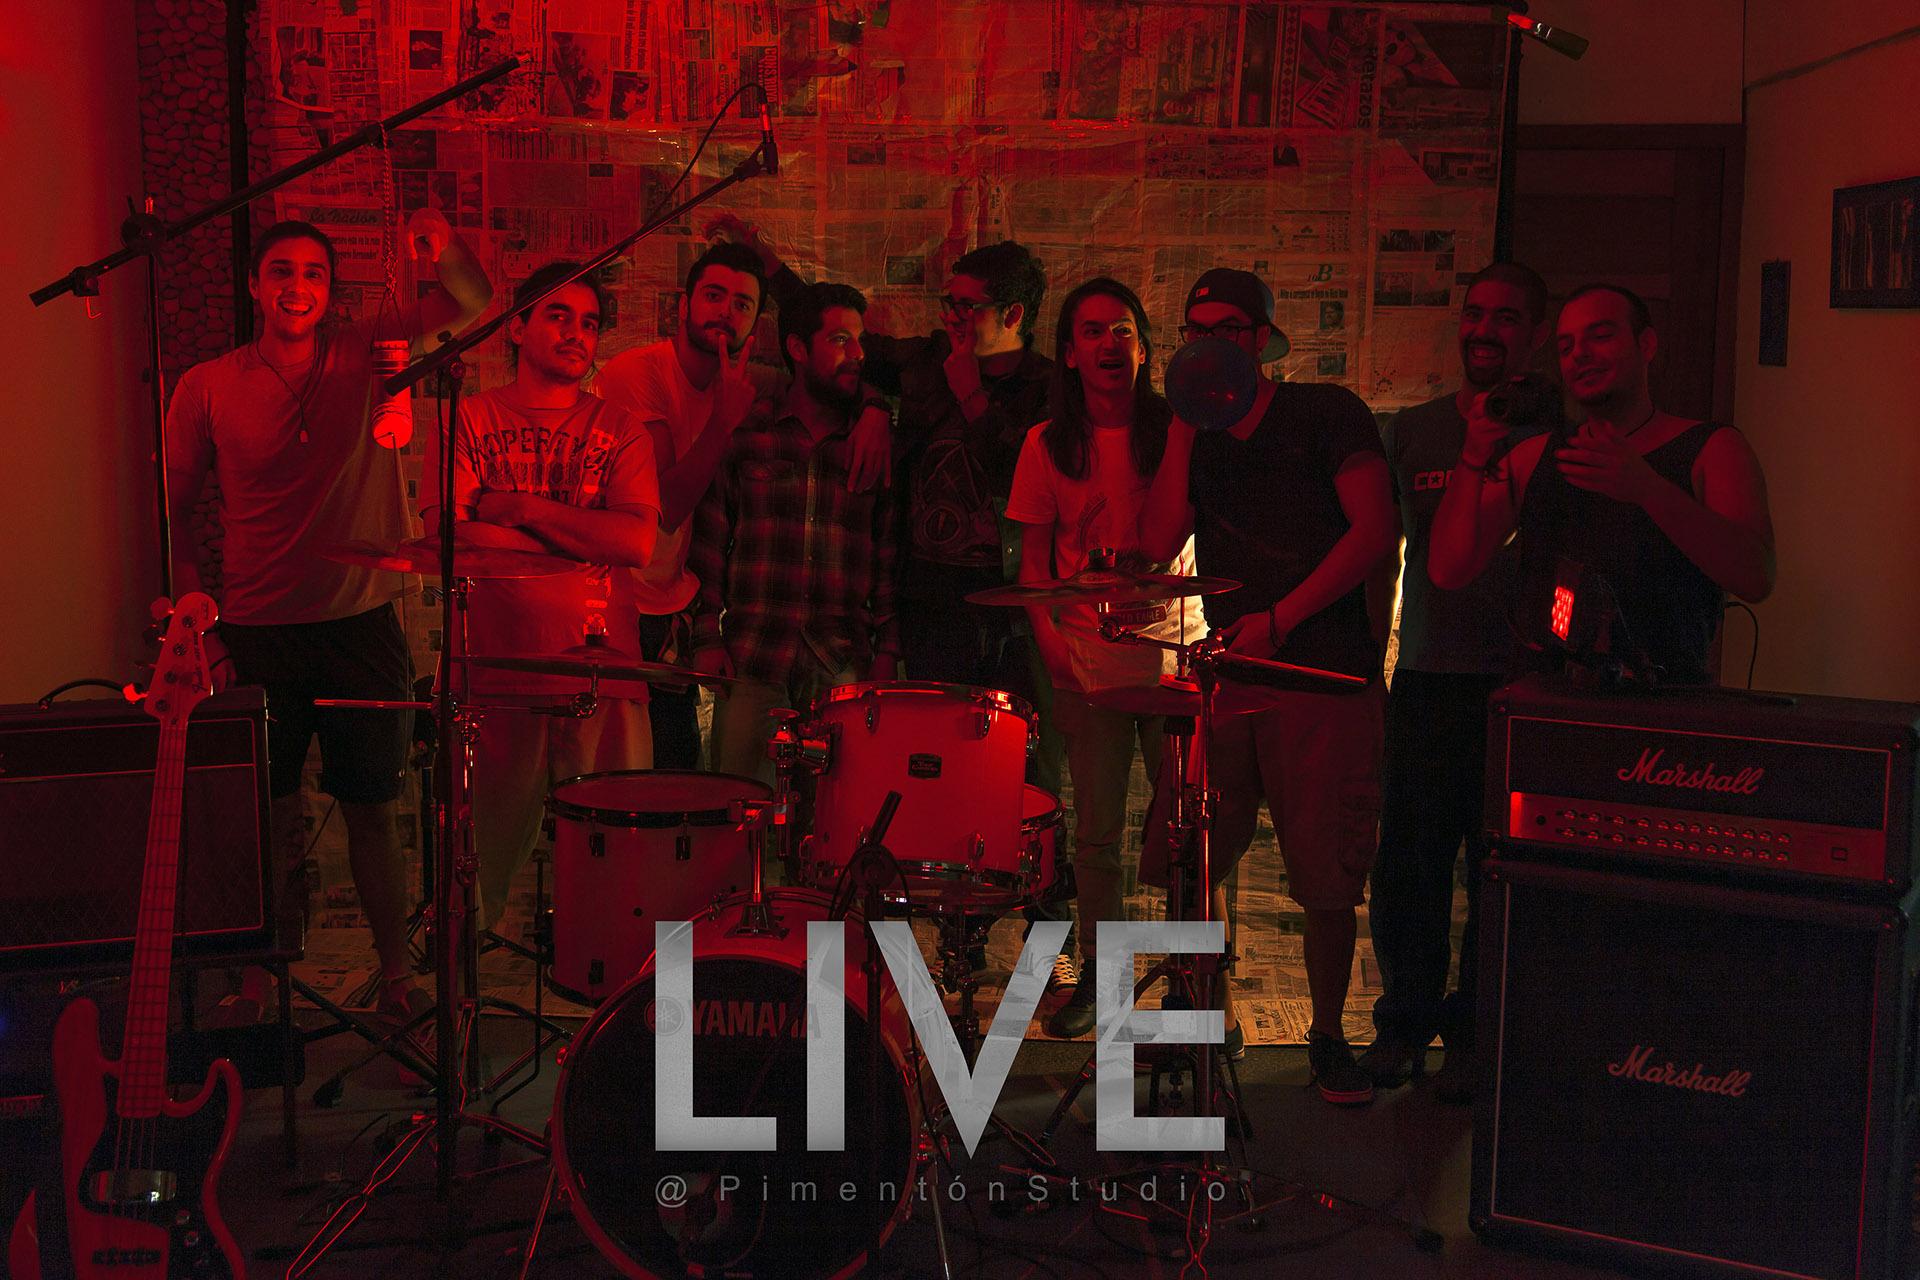 Veneno Hill Live@PimentonStudio